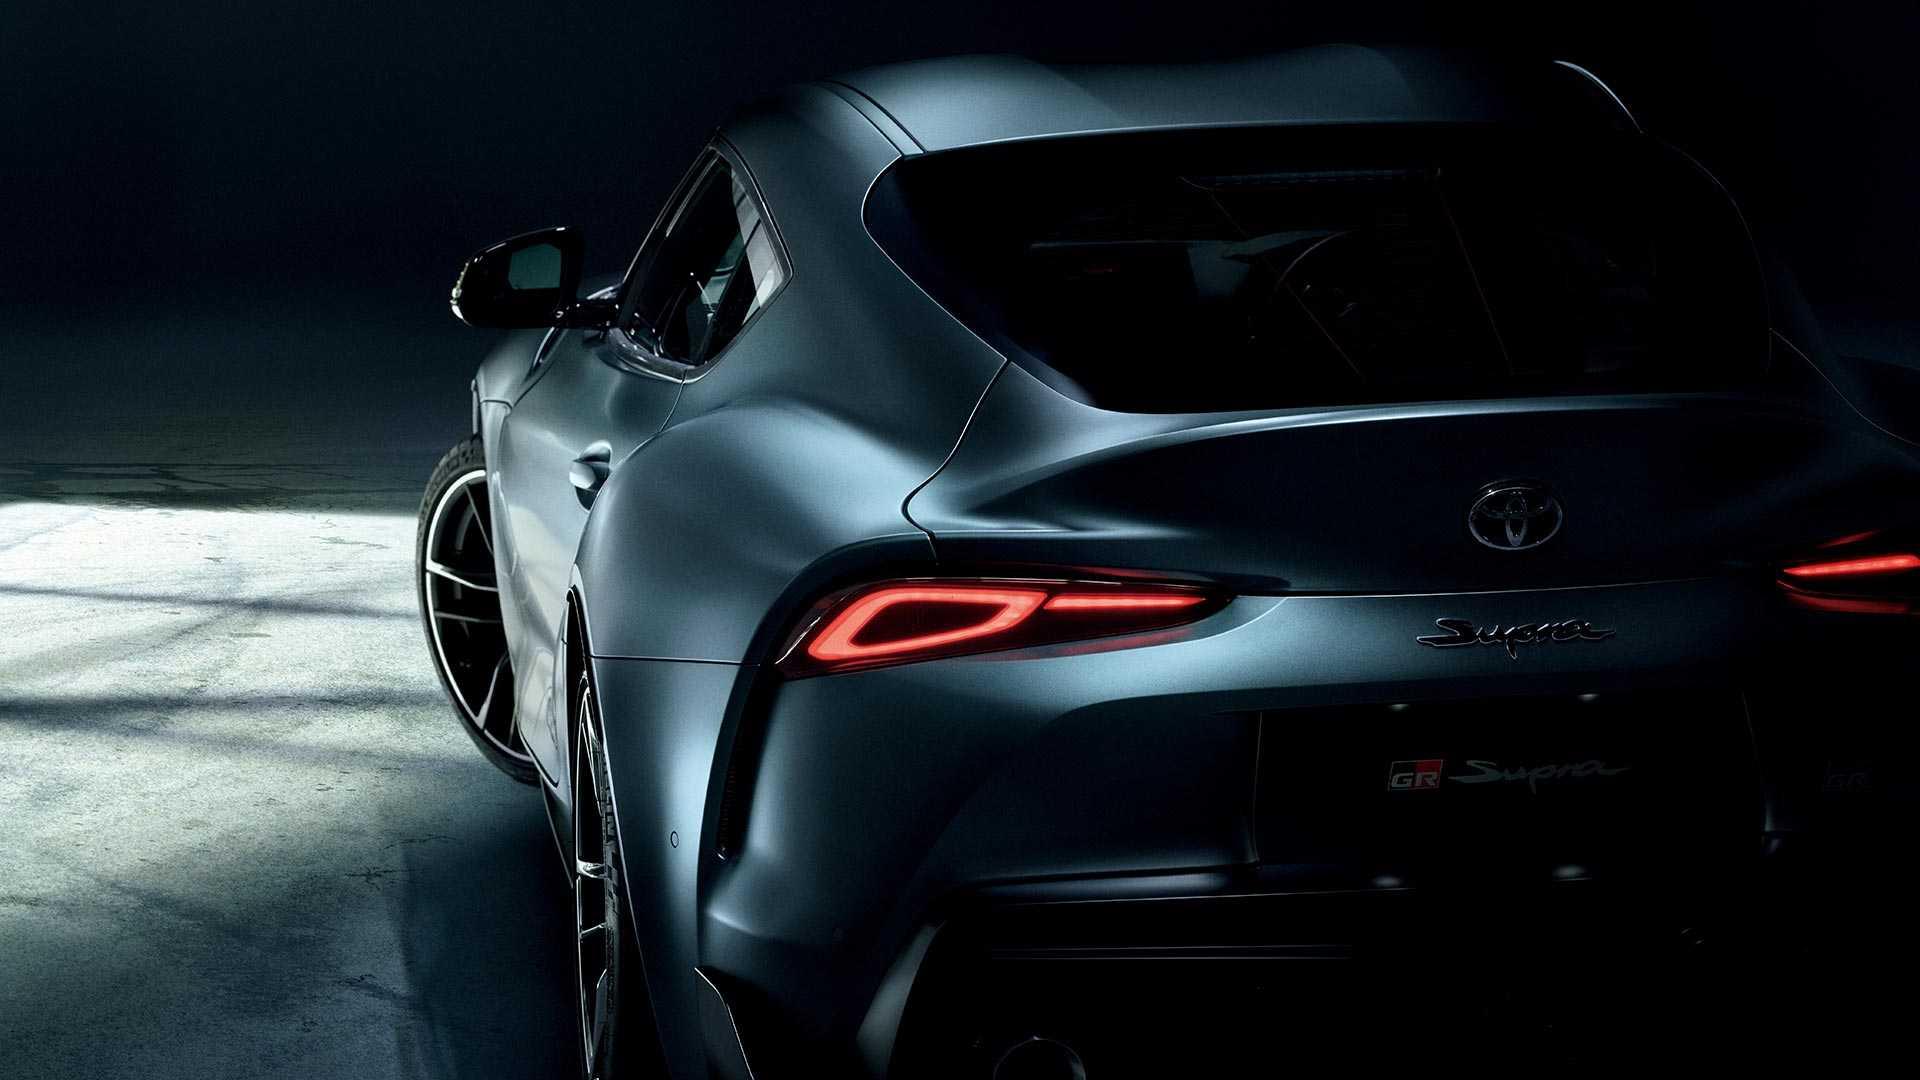 El súper Toyota GR Supra llegará pronto: híbrido y muy potente